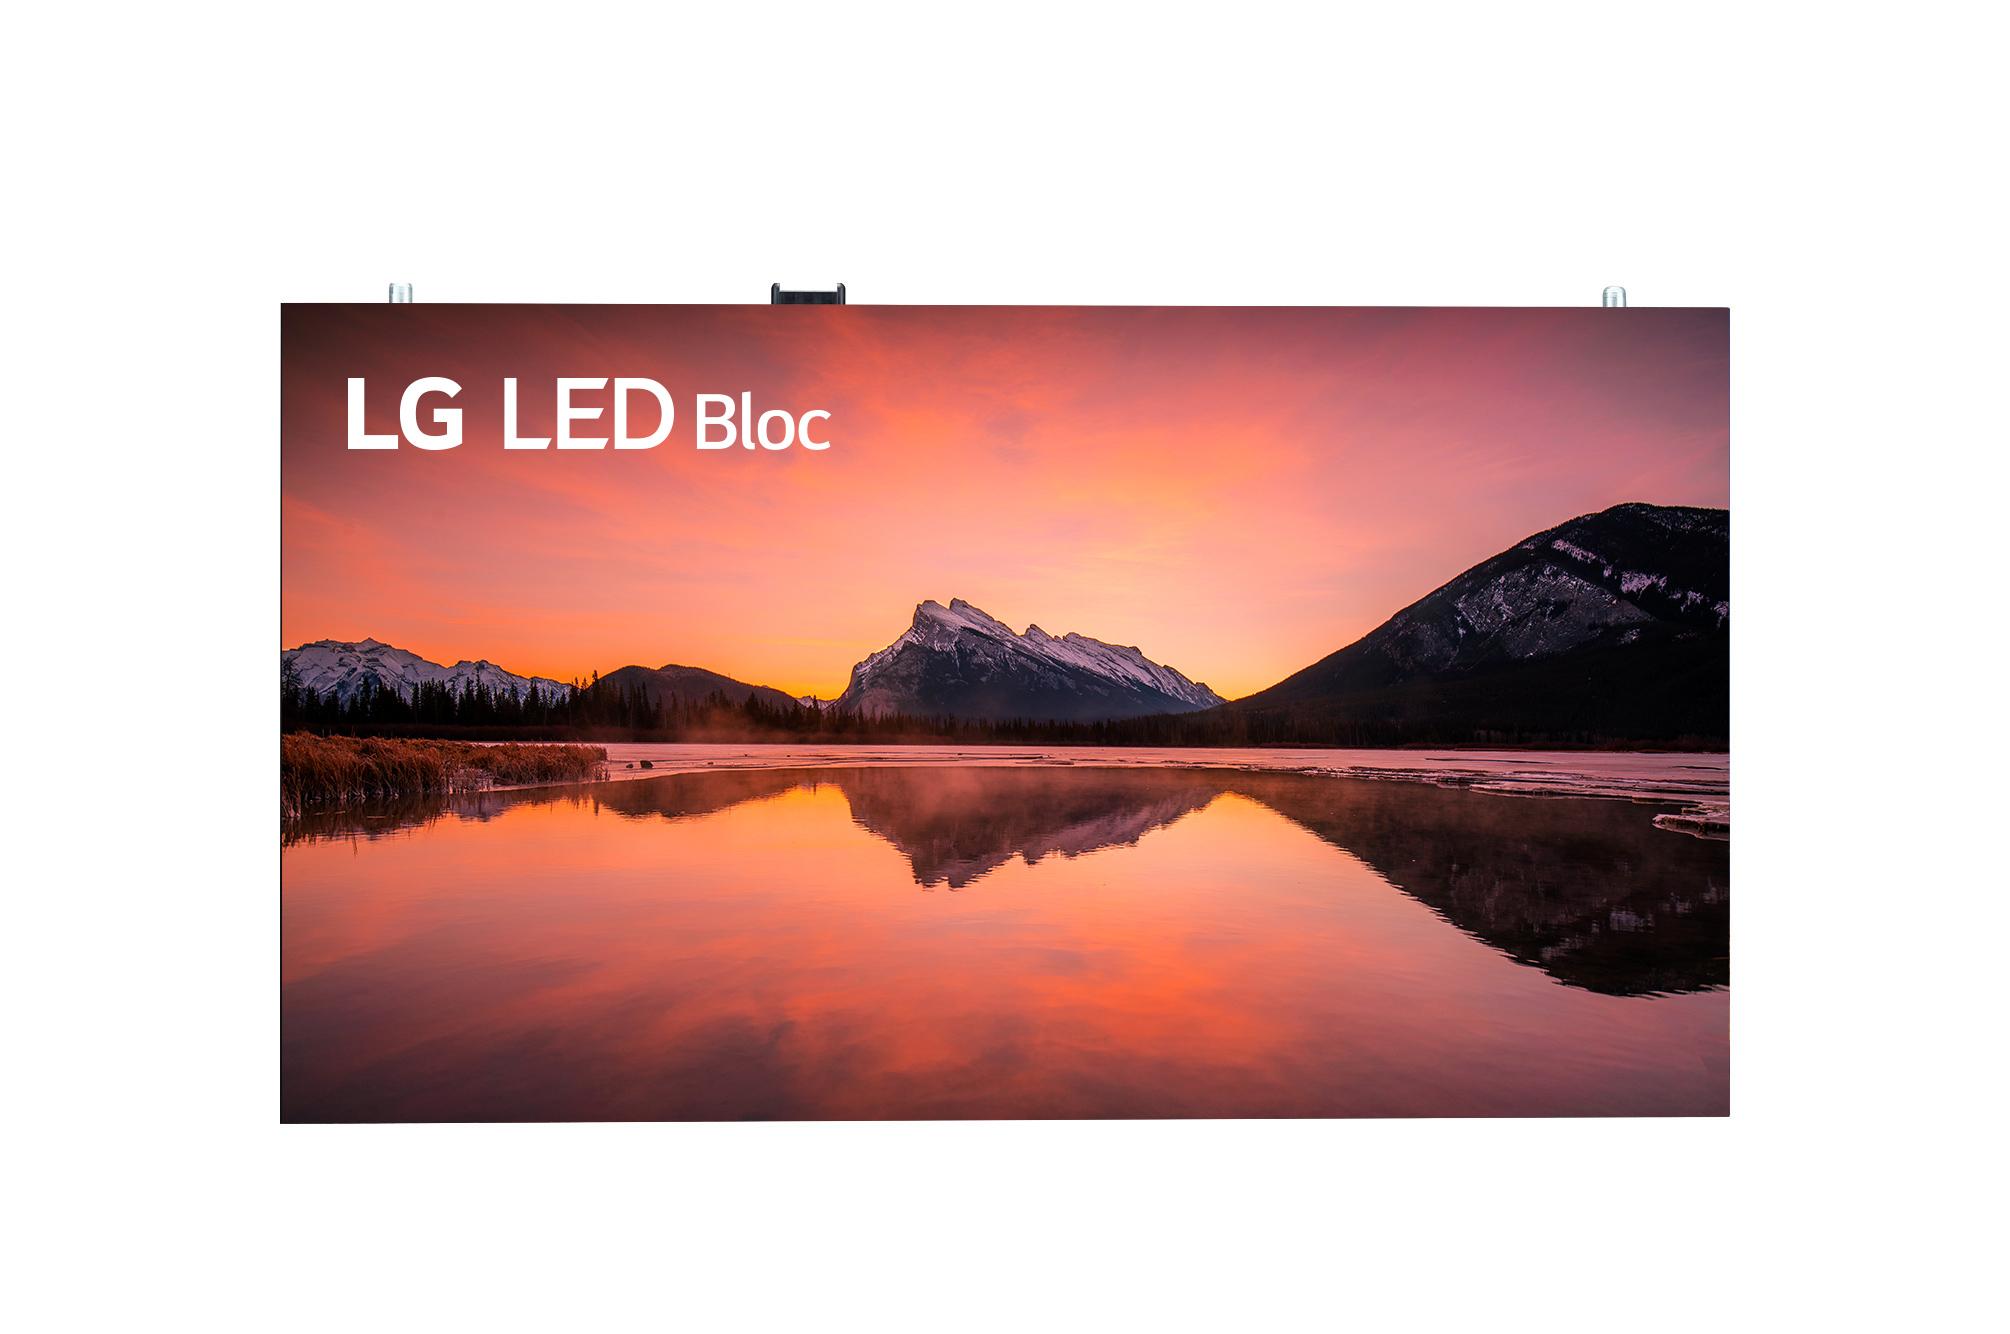 LG LG LED Bloc LSAA012 1